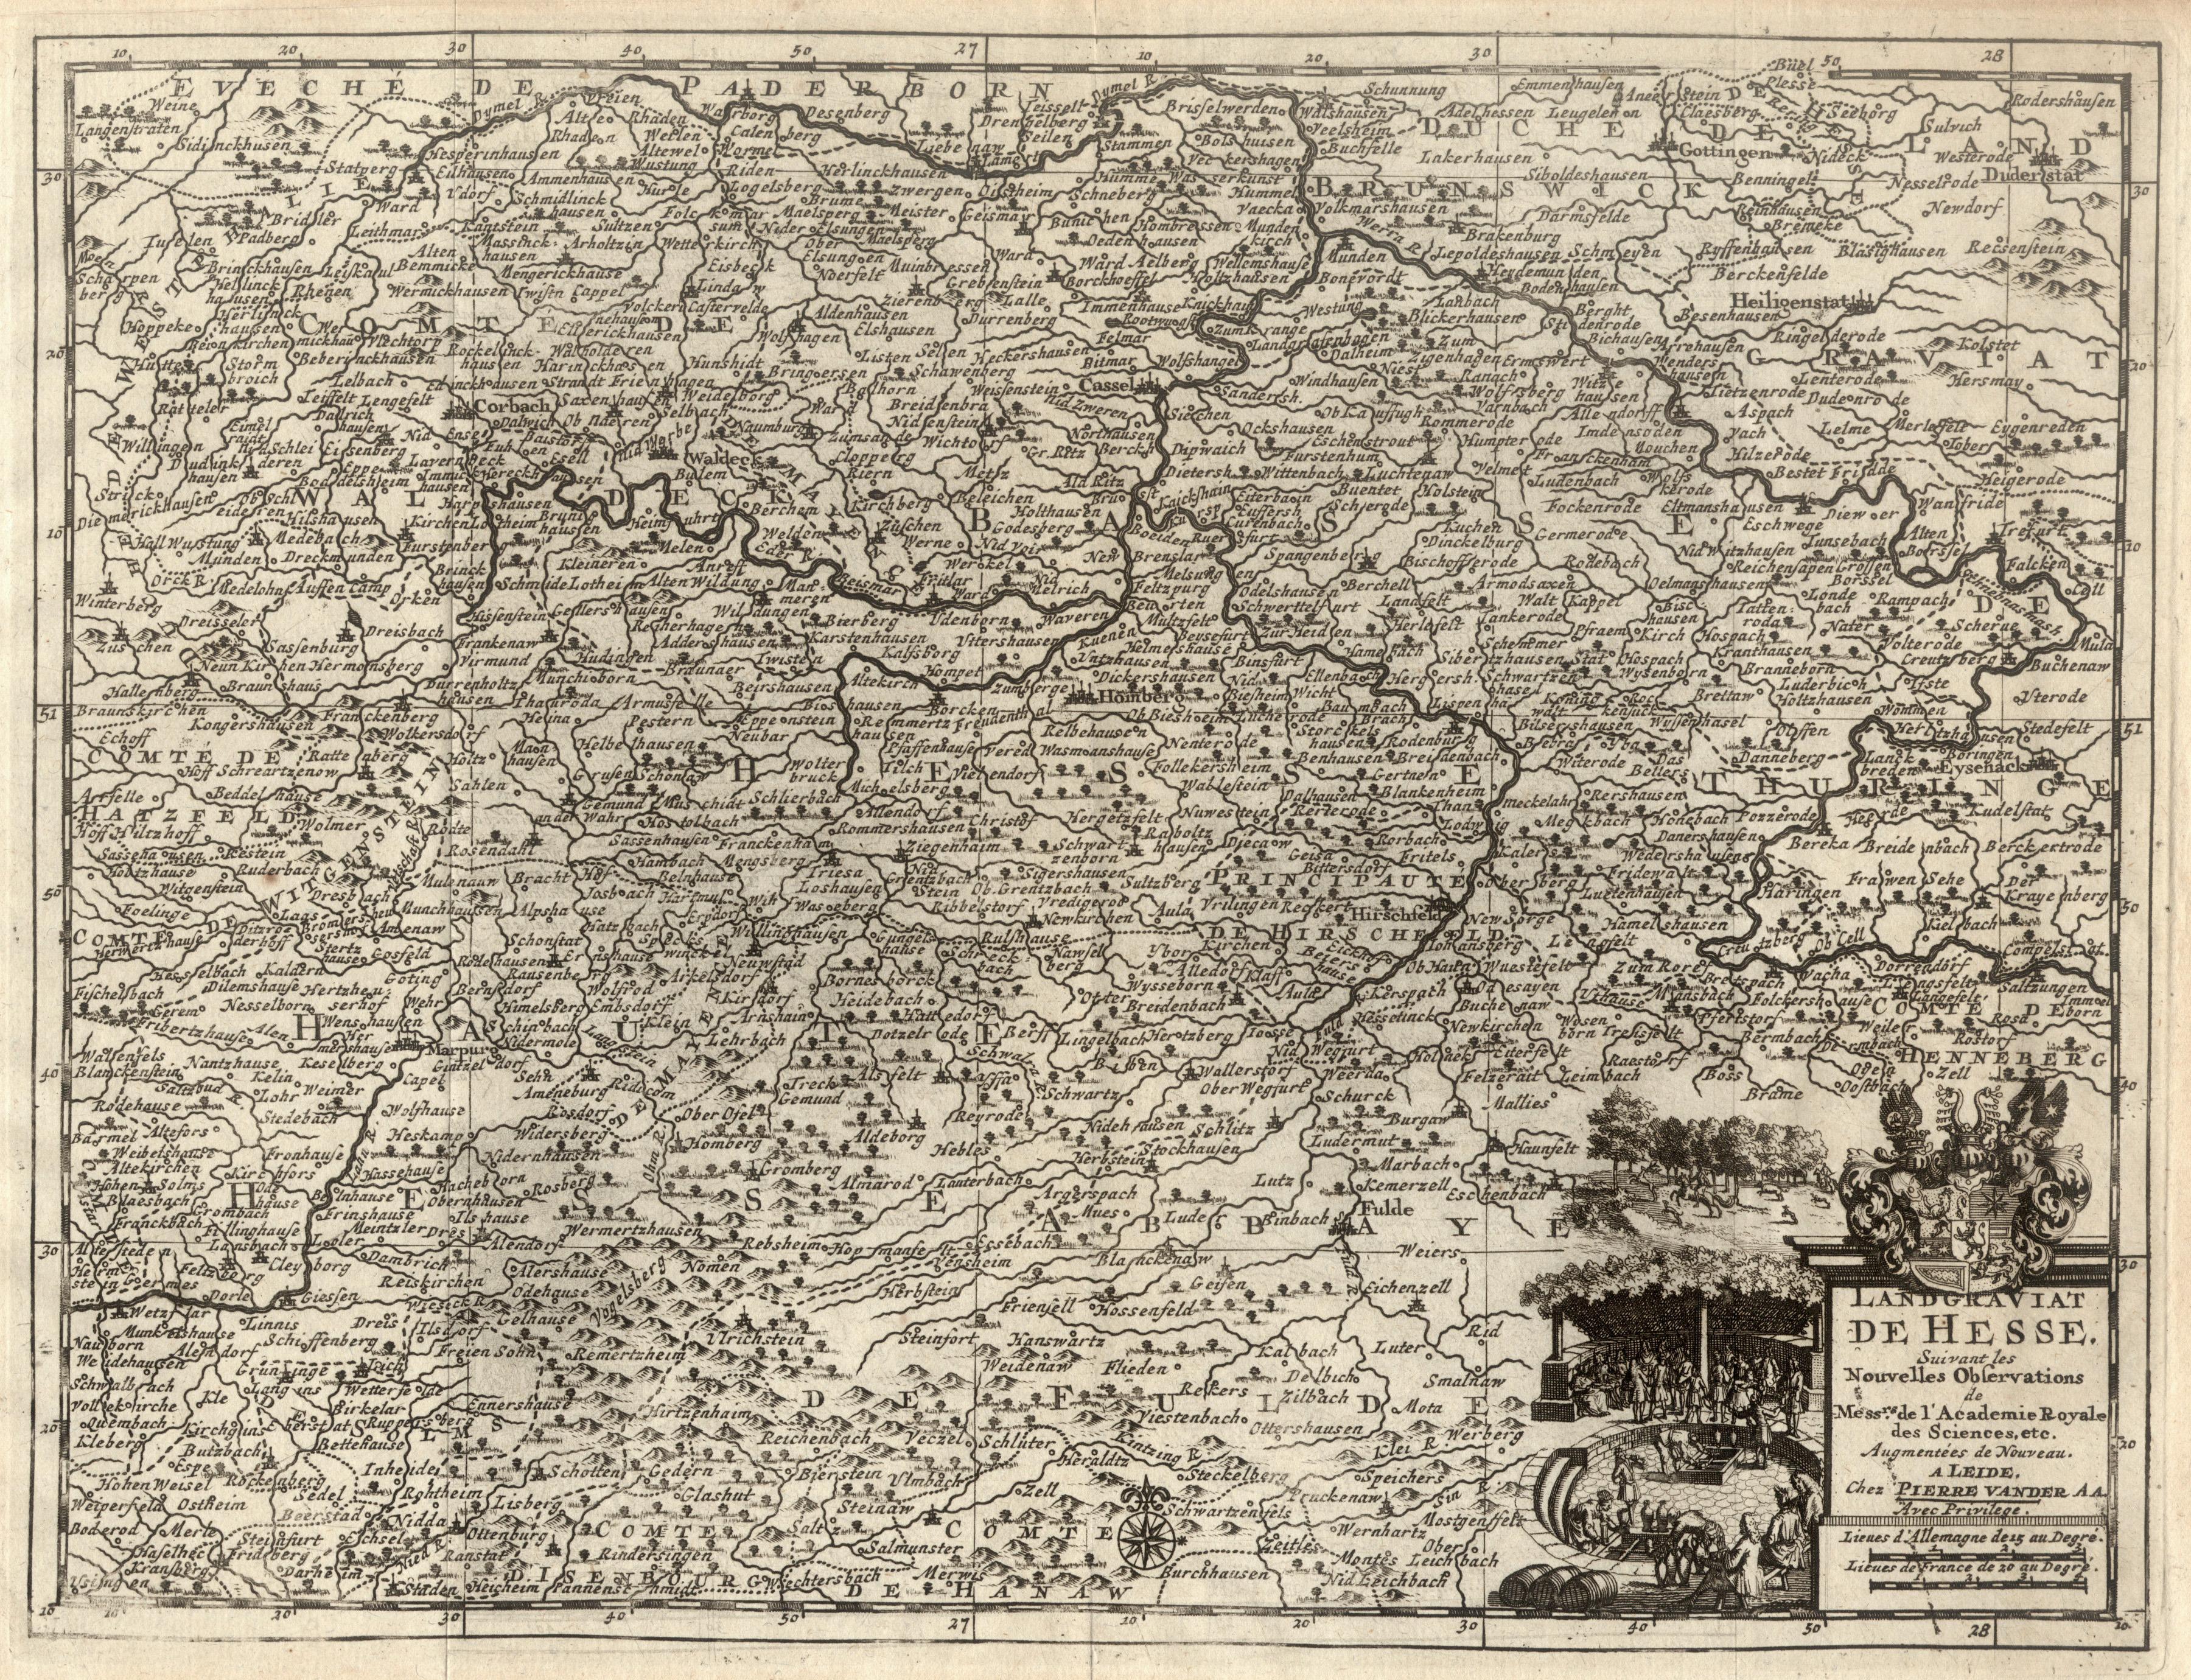 Kst.- Karte, b. Pierre van der Aa,: Nordhessen: